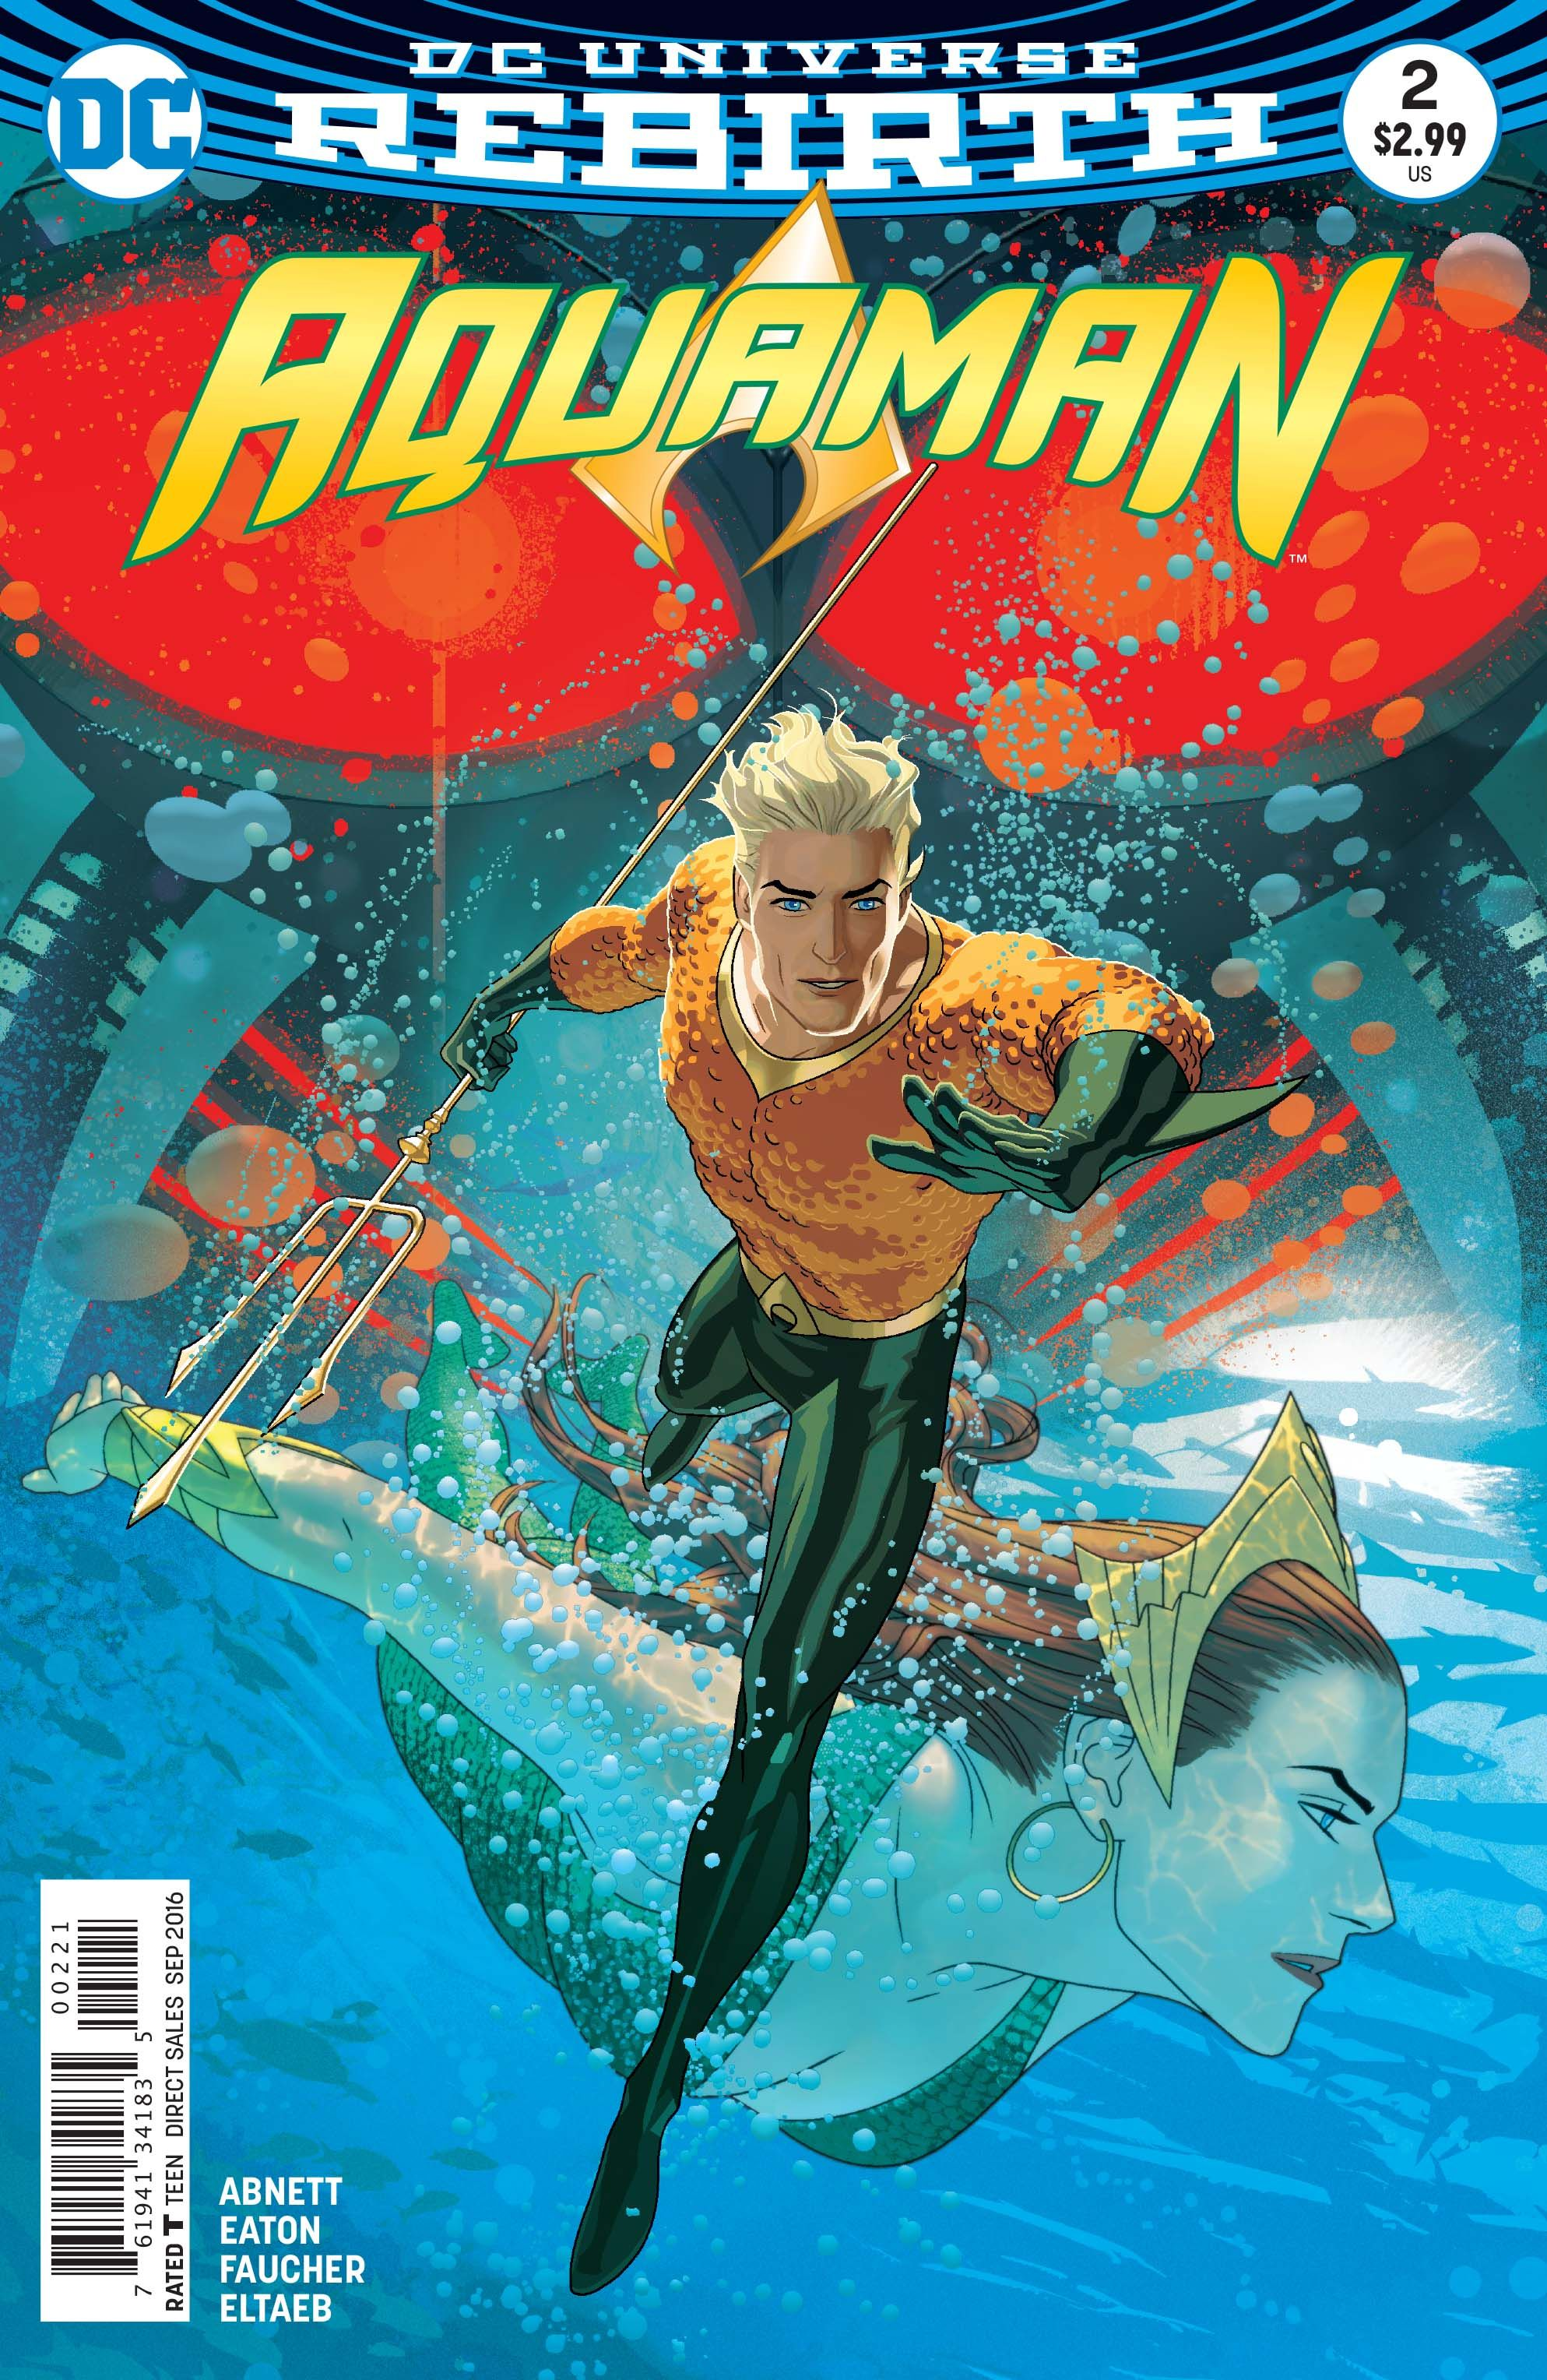 Comic Book Review Aquaman 2 Aquaman dc comics, Comics